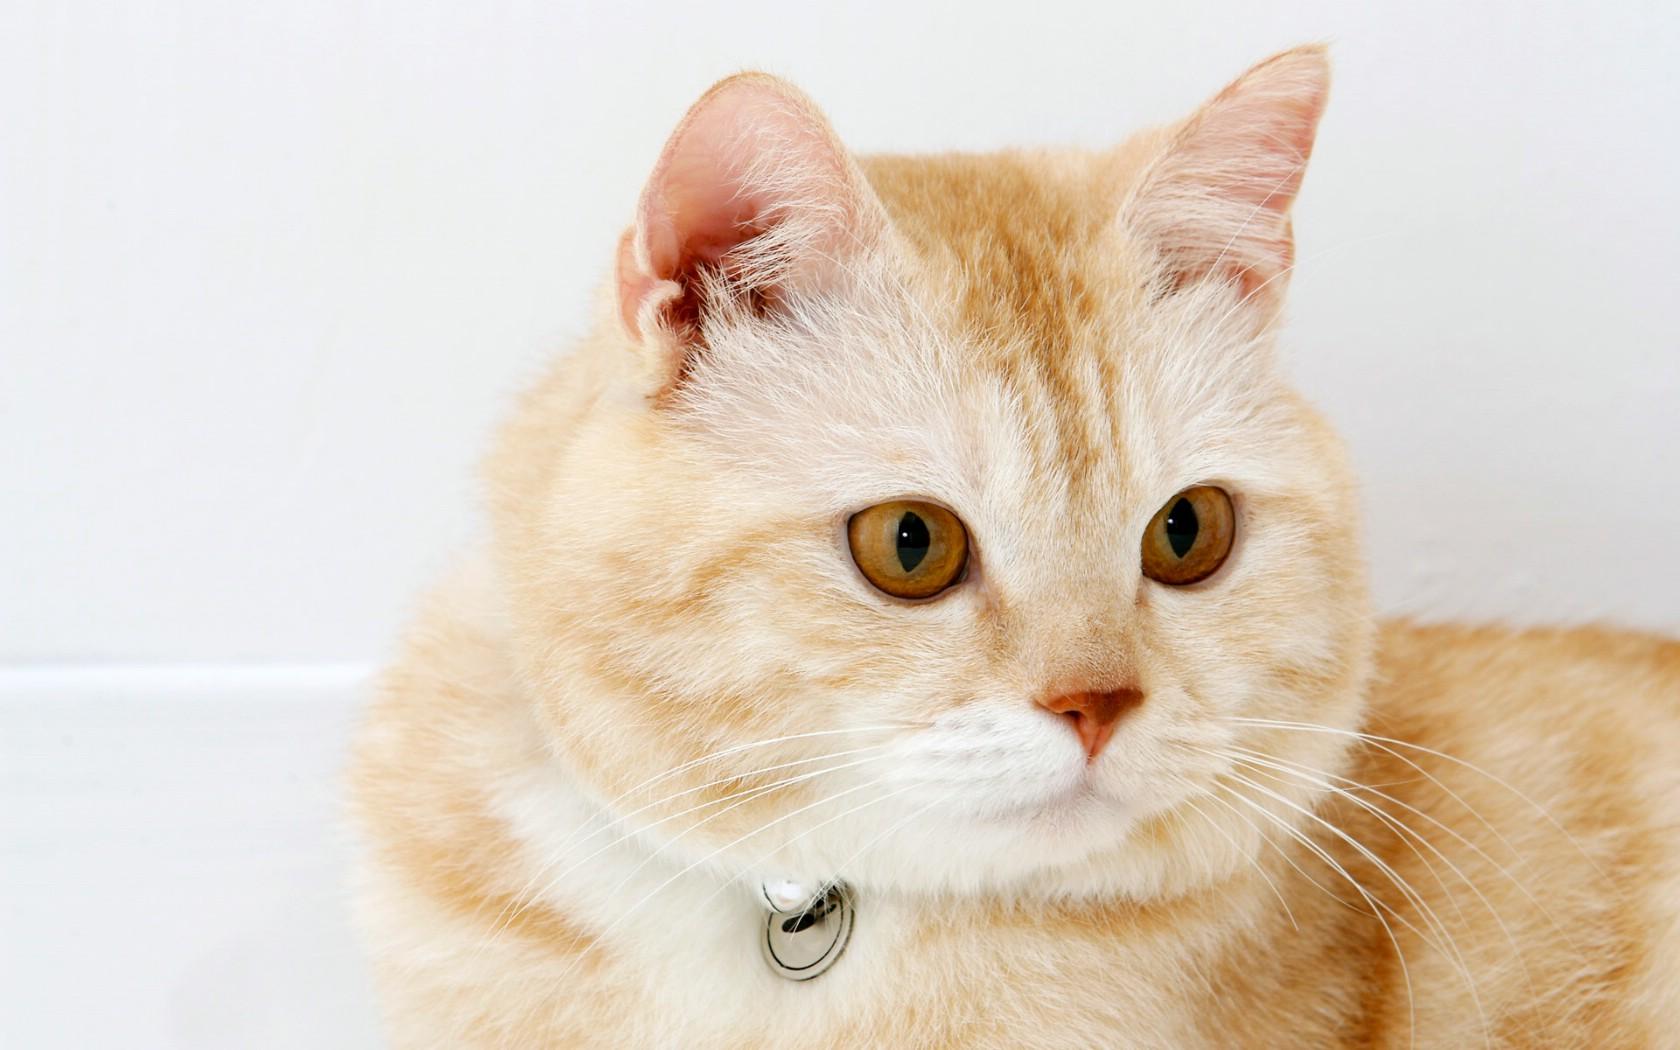 高清可爱小猫咪壁纸壁纸 高清可爱小猫咪壁纸壁纸